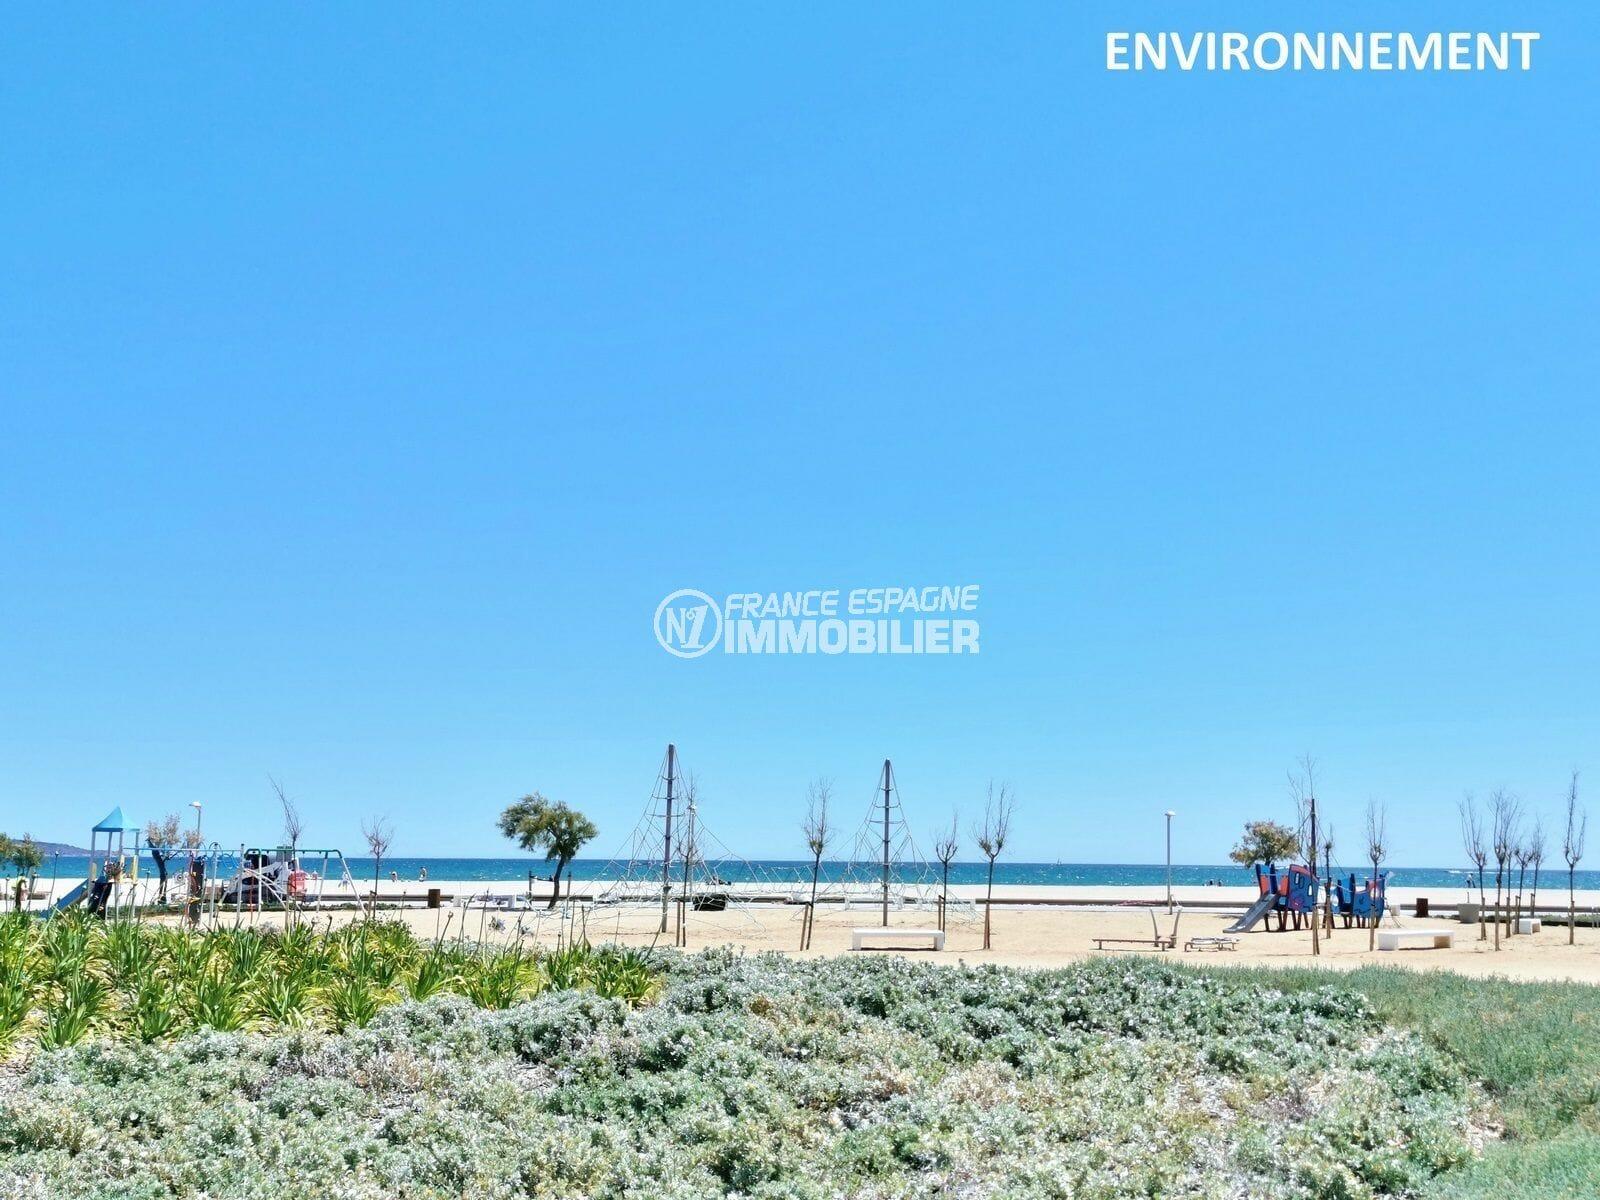 aires de jeux pour enfants près de la plage aux environs